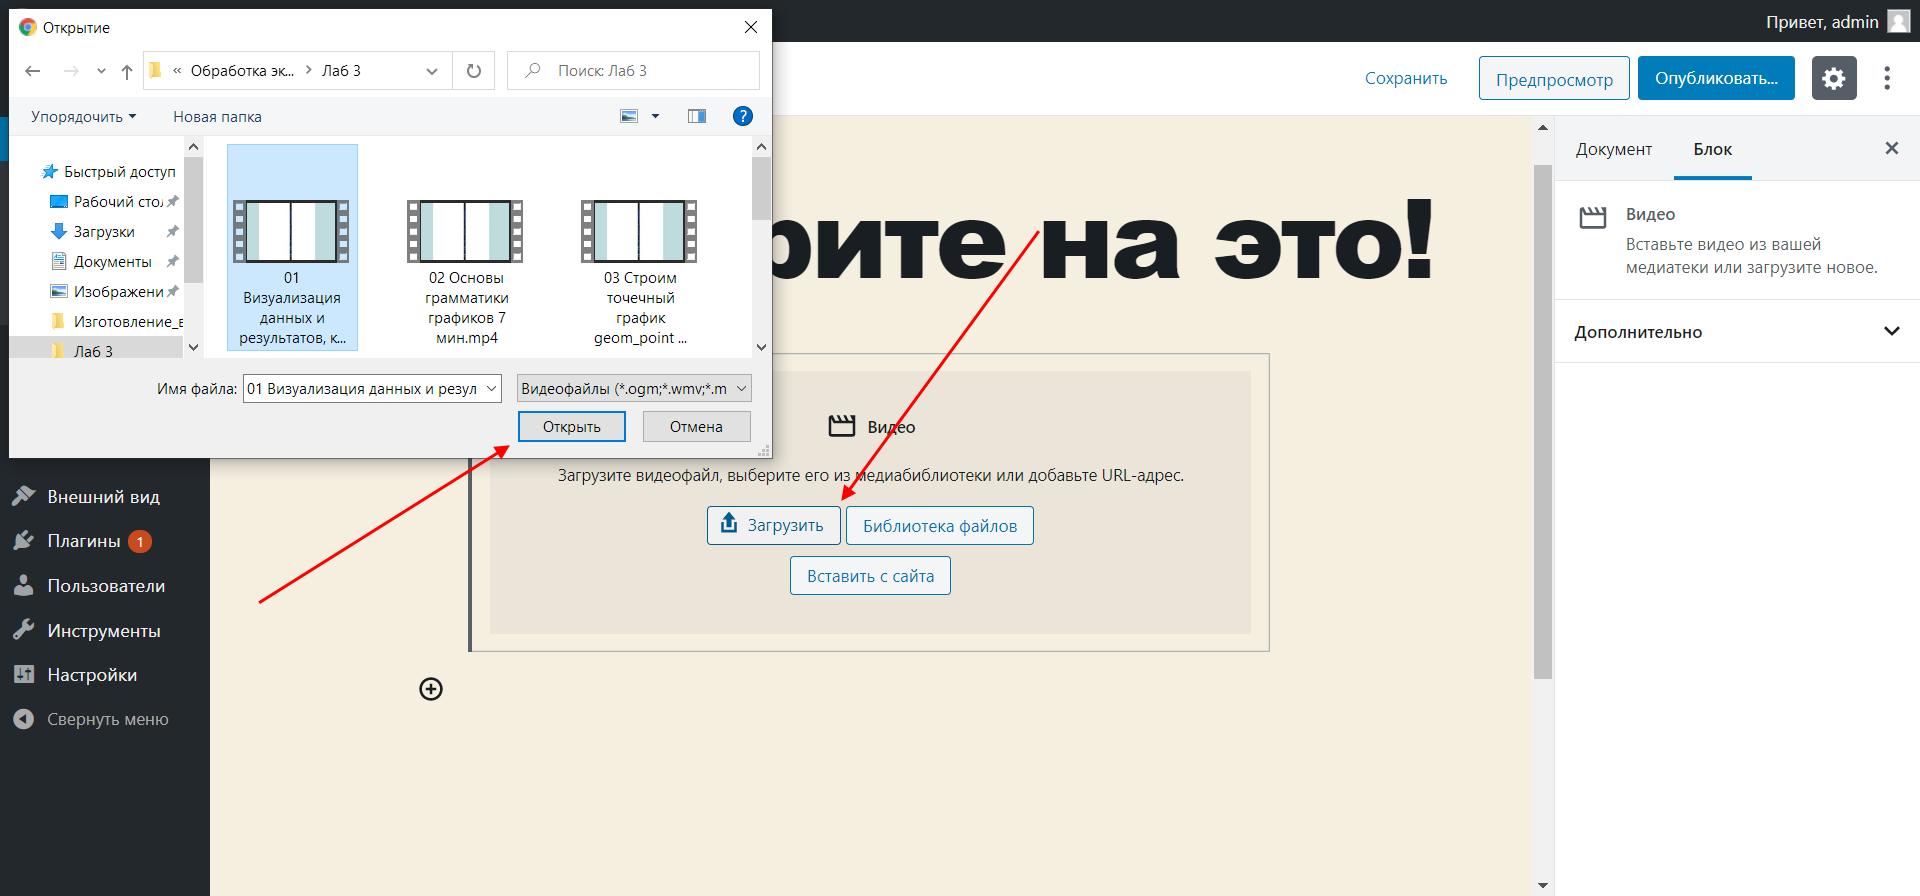 Как с компьютера загрузить видео на WordPress